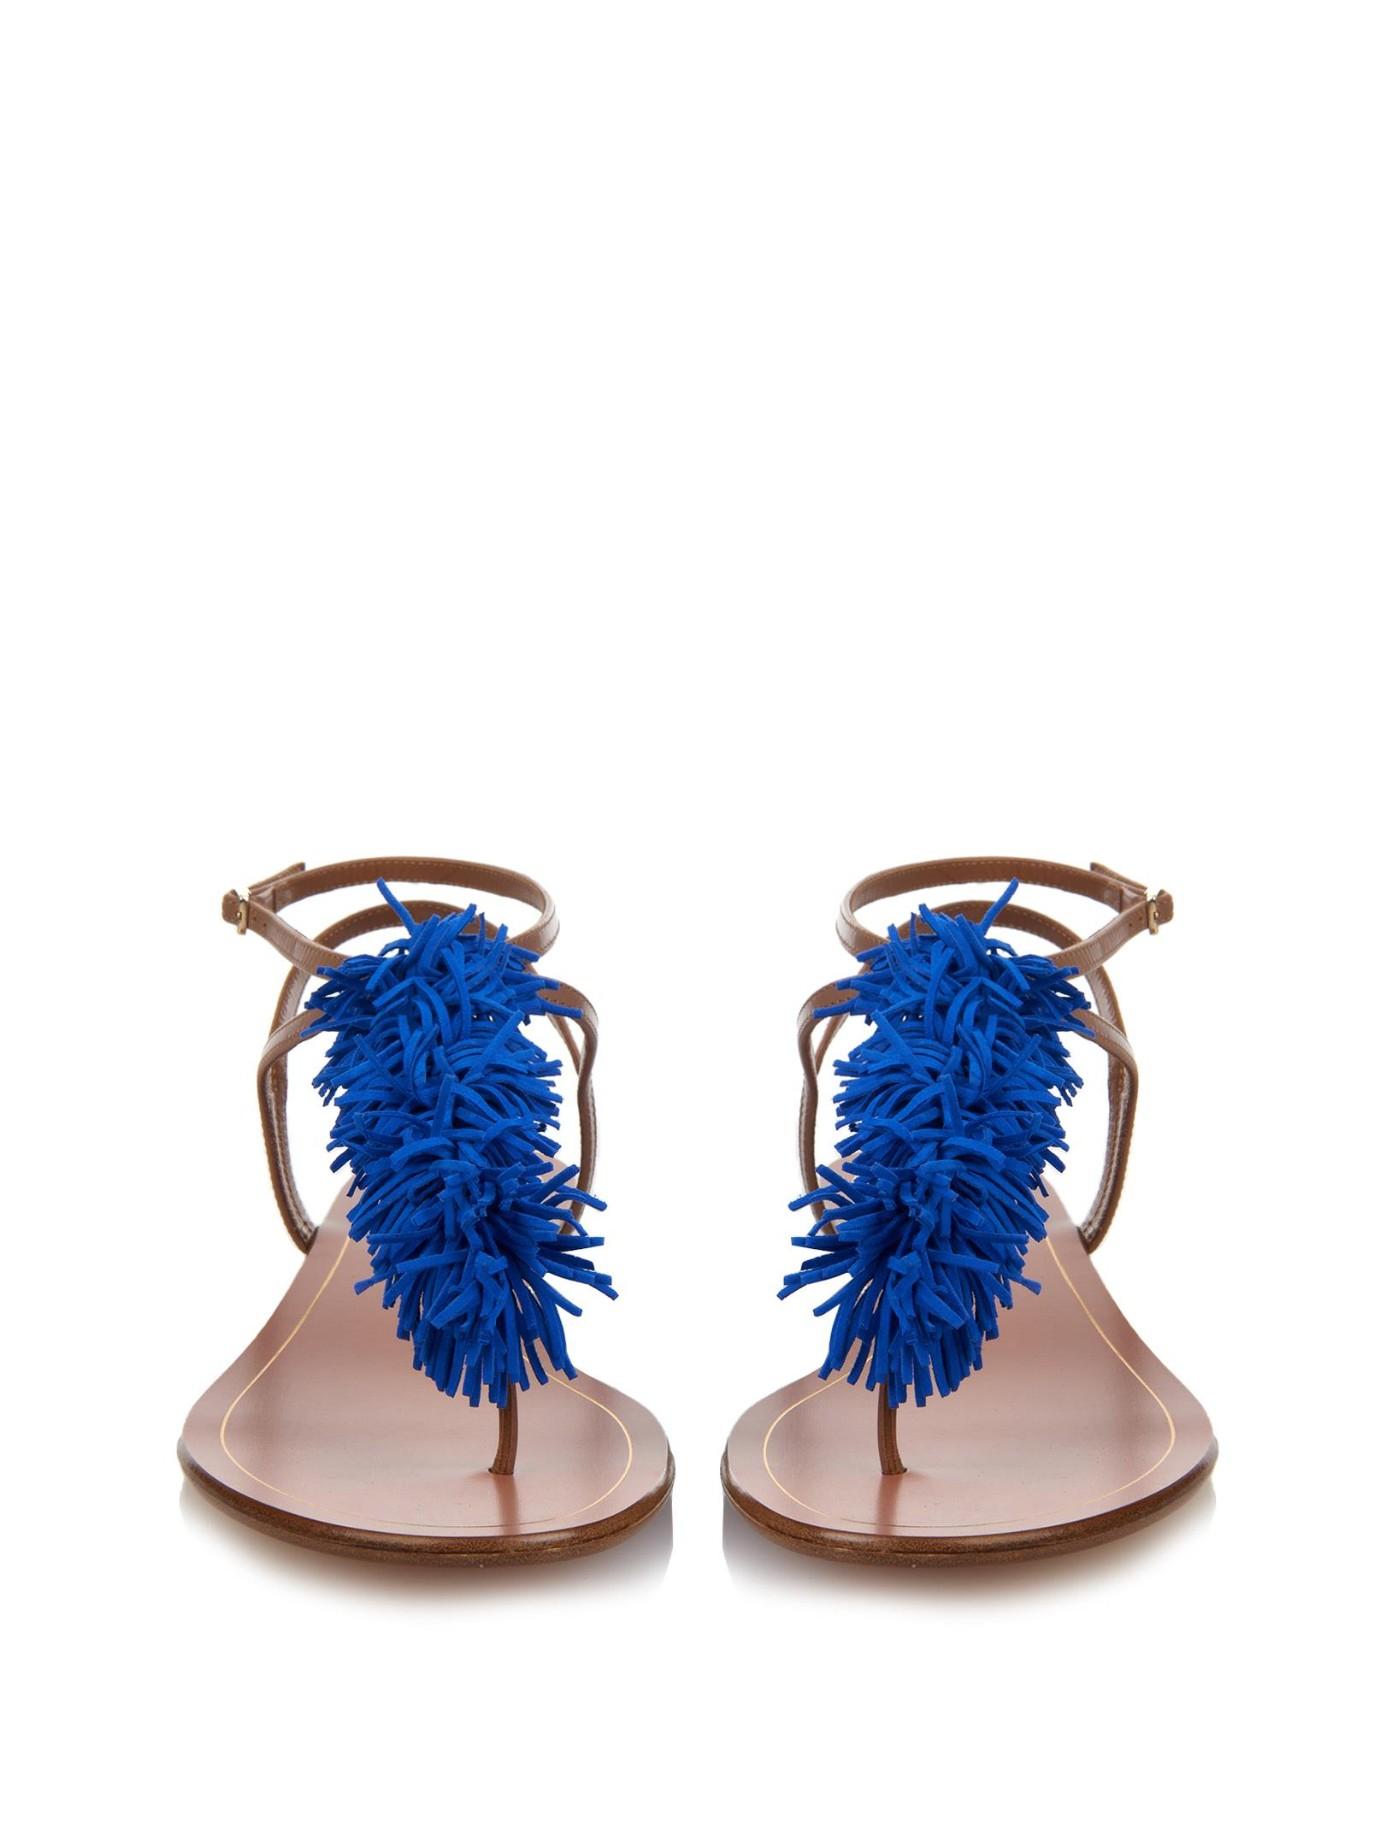 Aquazzura Thing Blue Front Wild Sandals Tassel 4Rj3Aqc5L